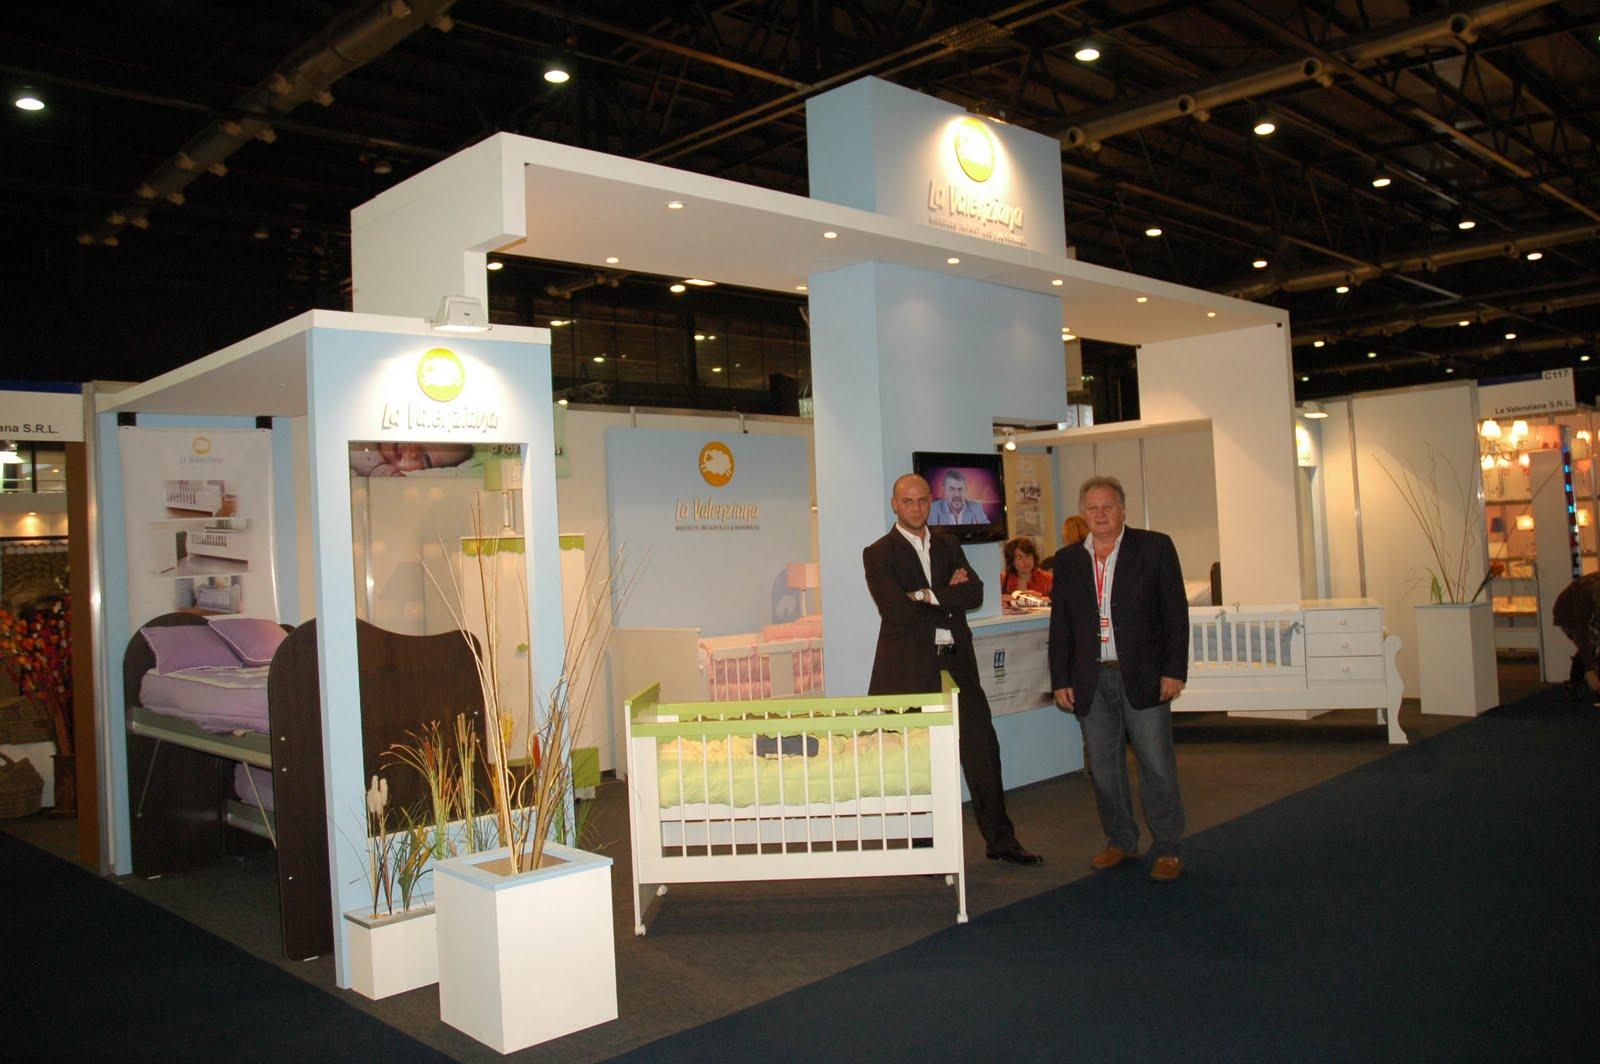 La valenziana expo presente 2010 for Fabrica italiana de muebles